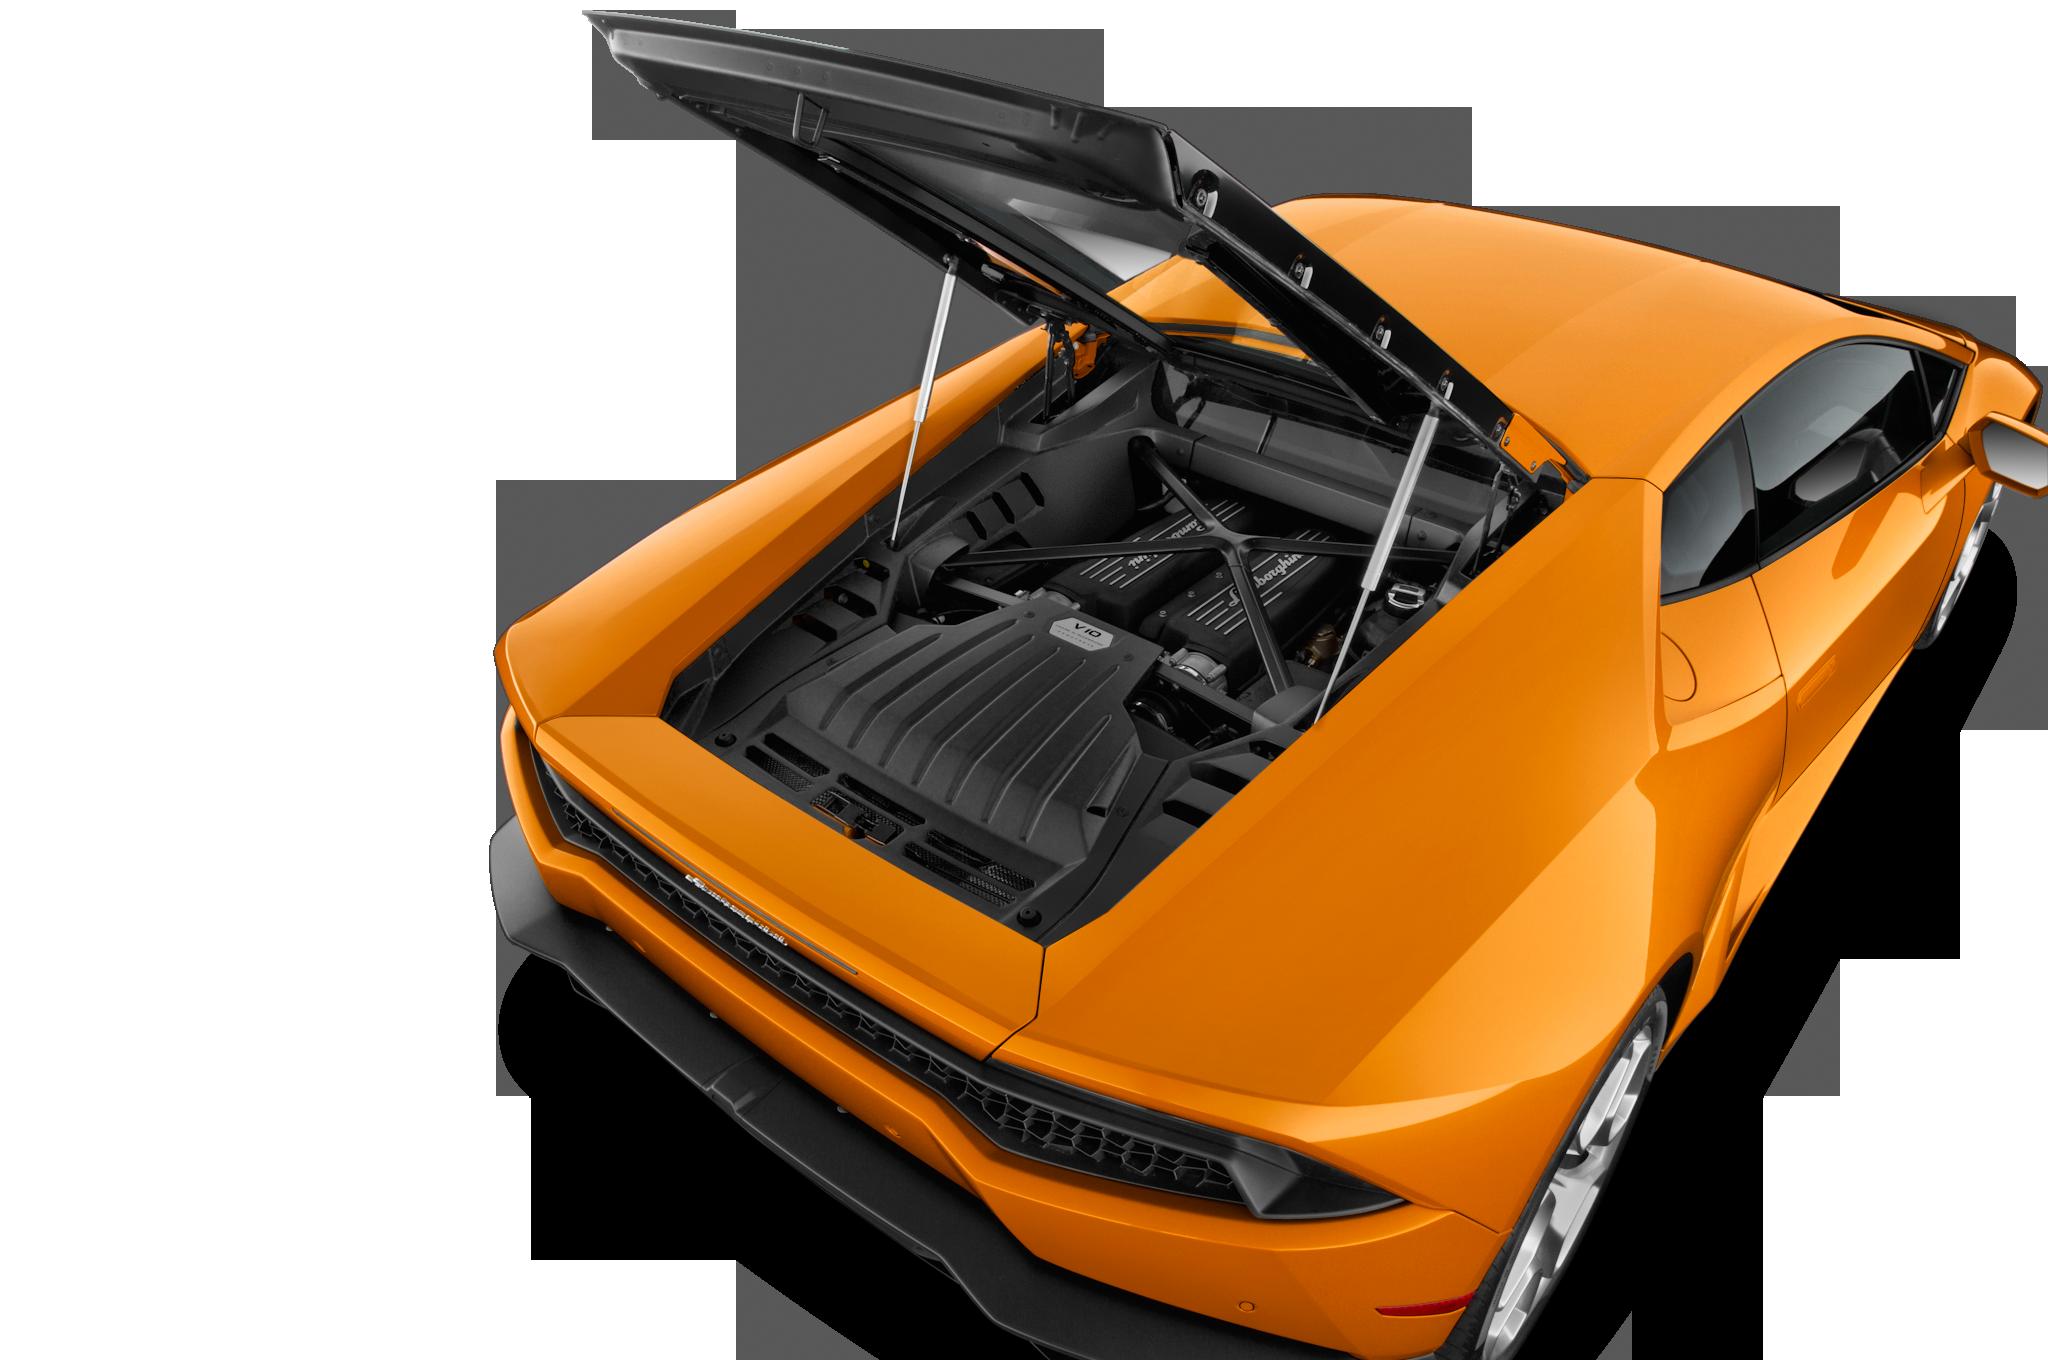 The Last True Supercar: Lamborghini Huracán LP580-2 Spyder ... Convertible Lamborghini Doors Up Drawing on white door drawing, jeep door drawing, scion door drawing,